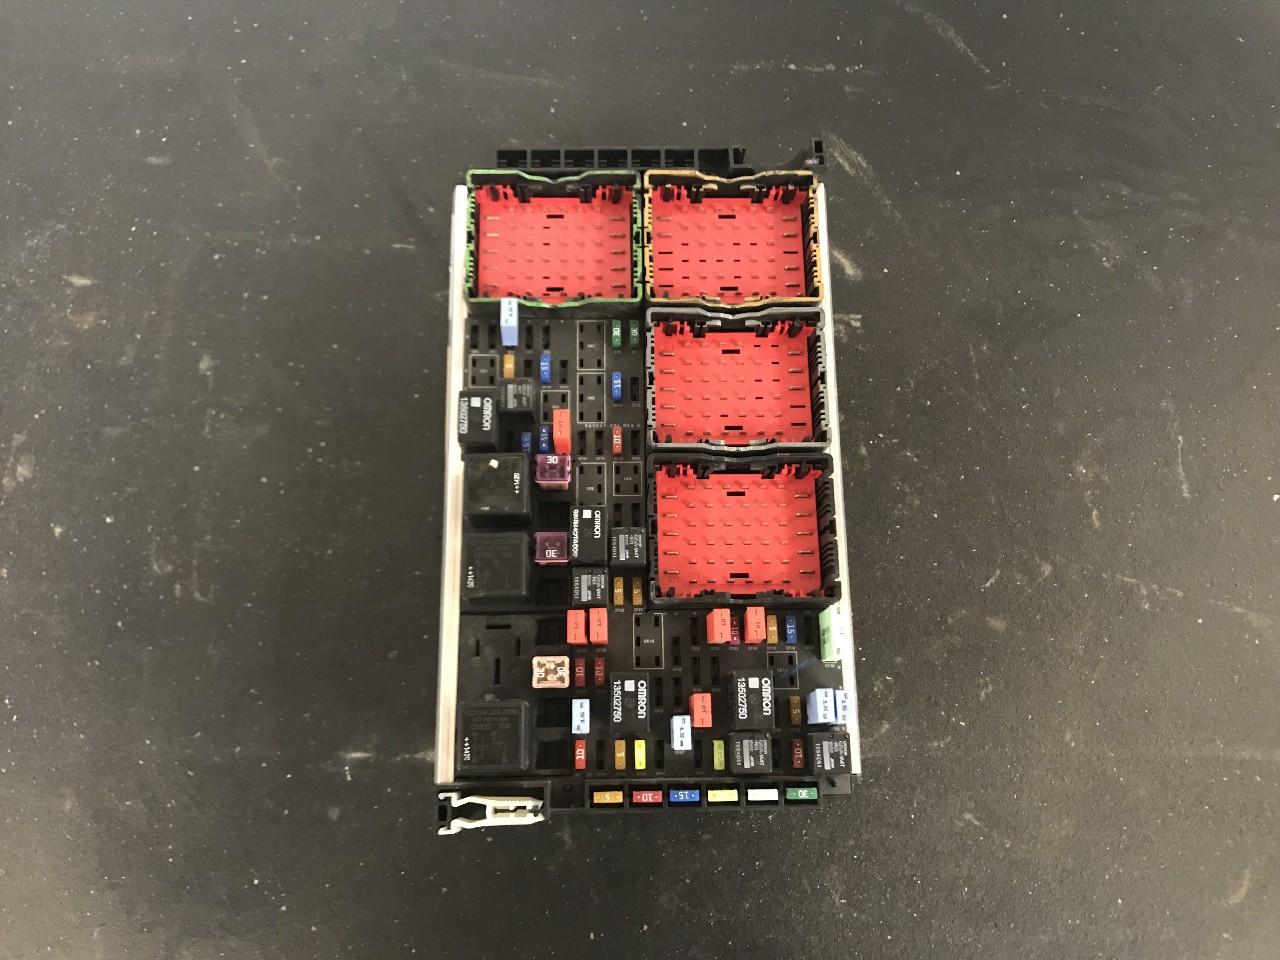 Kenworth T2000 Fuse Box Location - Wiring Diagram Schemas